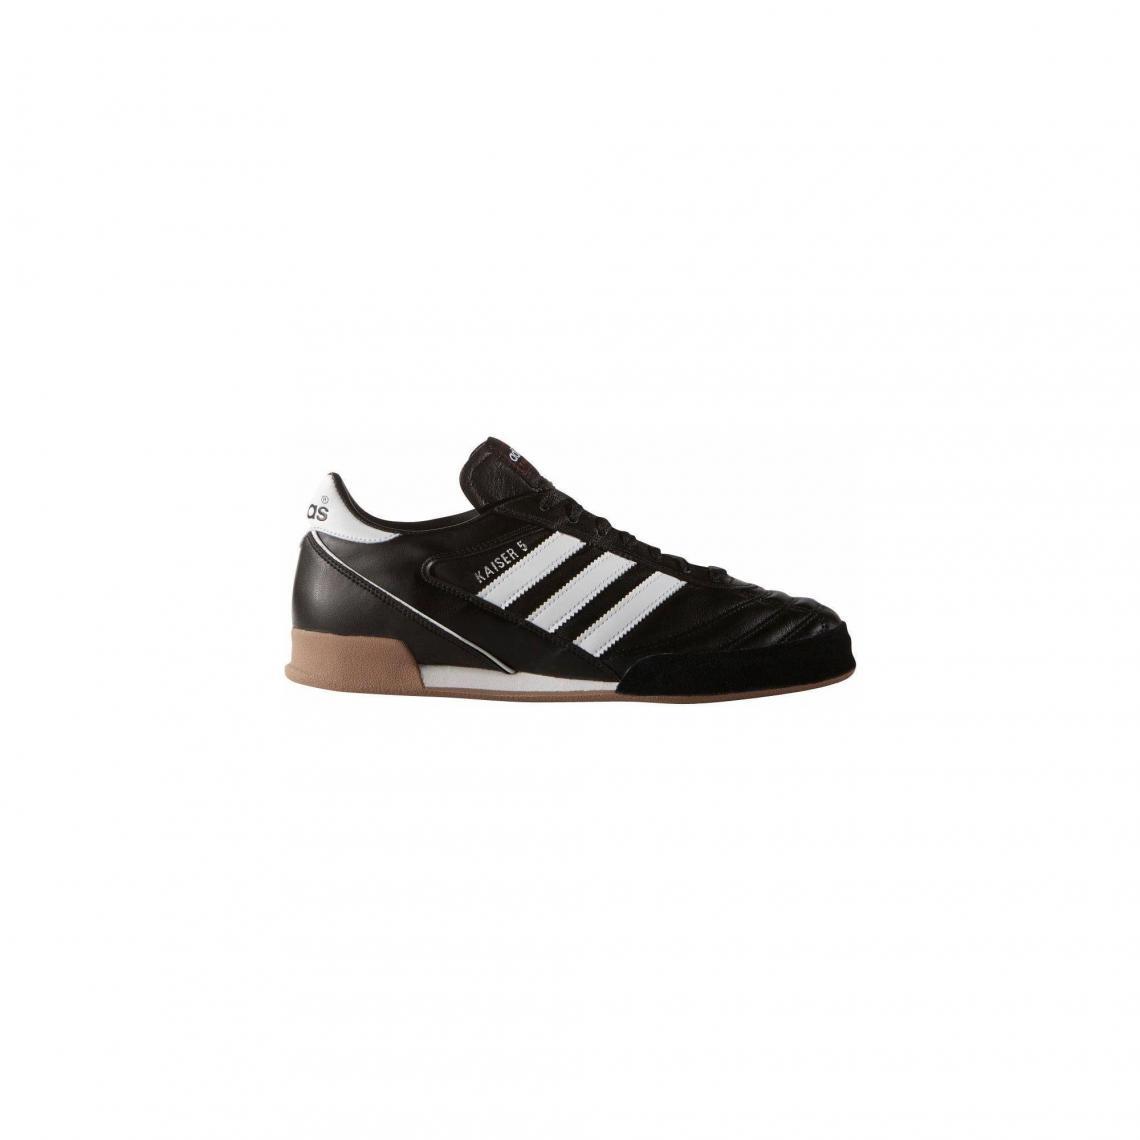 98de369a9e Toutes les chaussures Adidas Performance Cliquez l'image pour l'agrandir. Chaussures  de football en salle homme adidas Performance Kaiser 5 ...